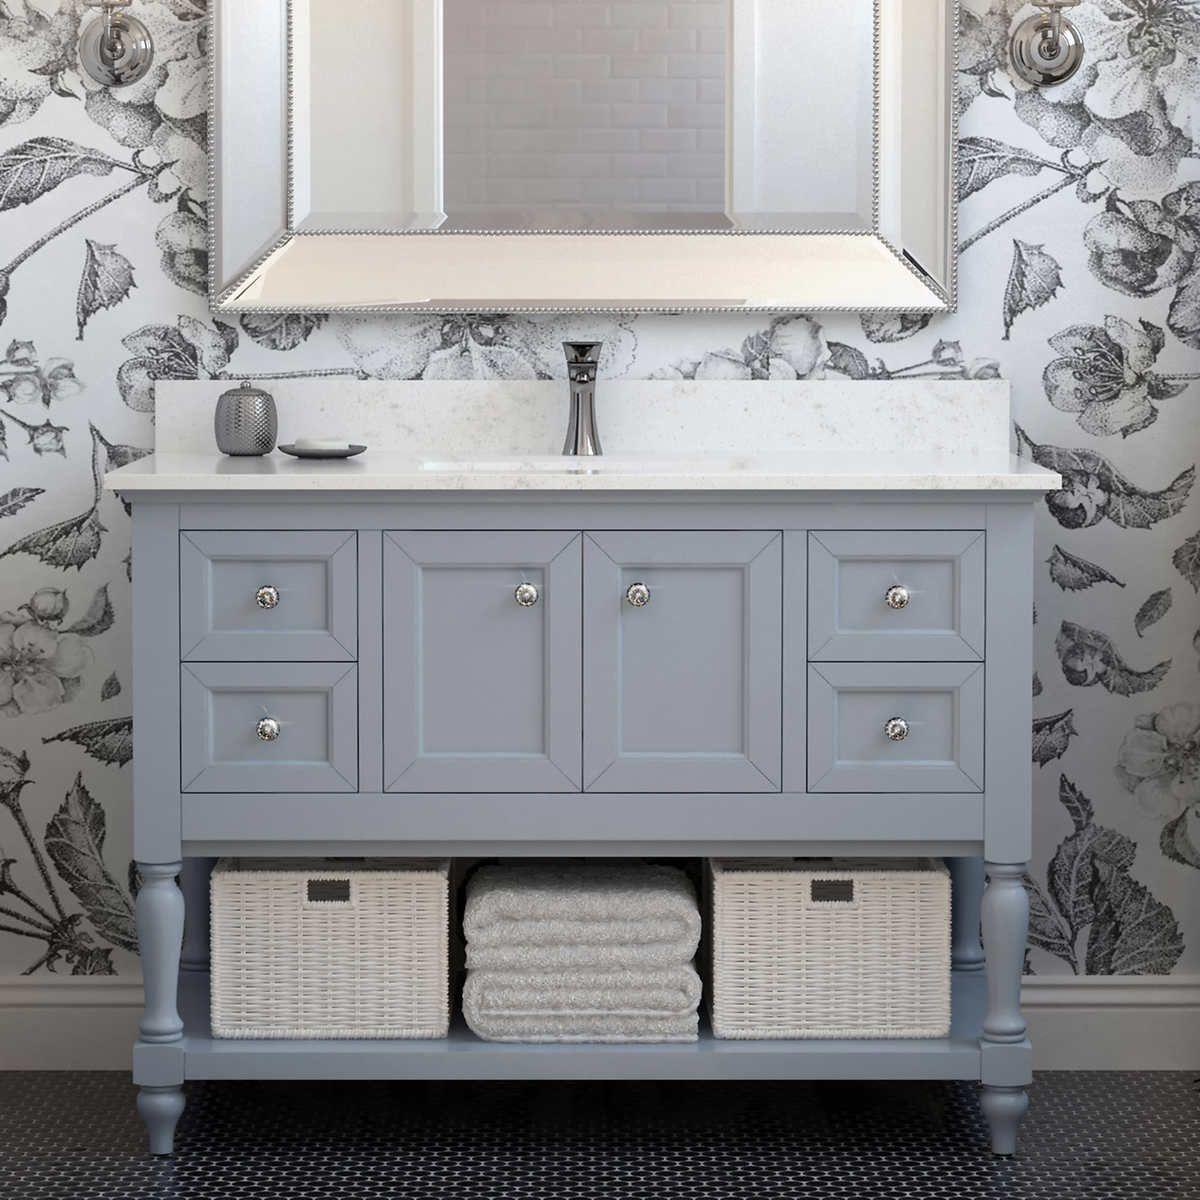 Studio Bathe Taylor 48 in Vanity with Diamond Quartz